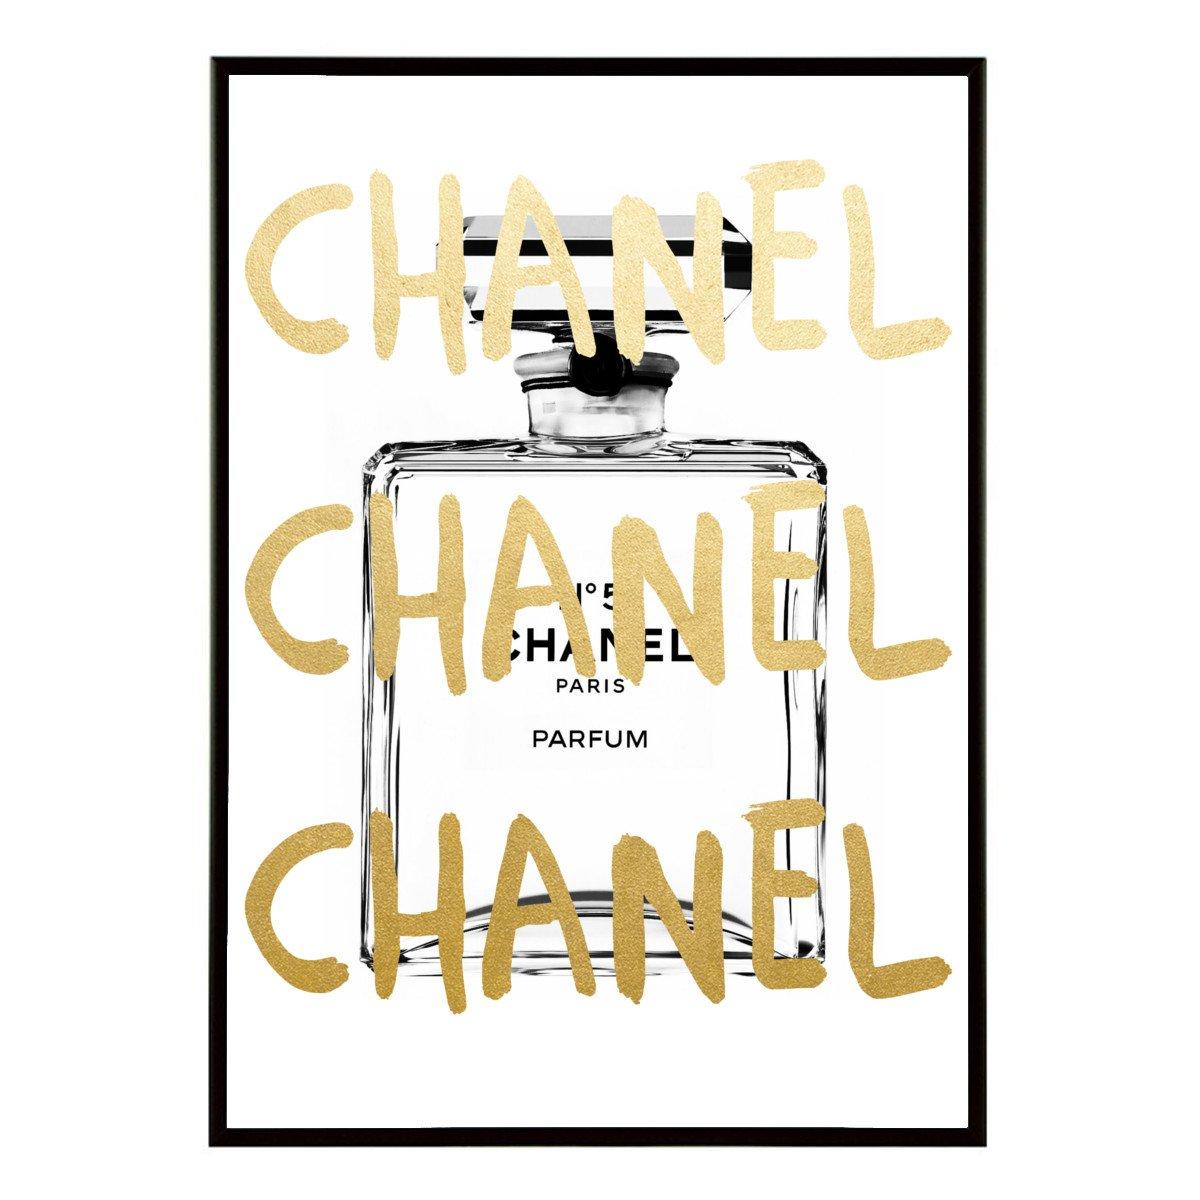 Aroma of Paris アートポスター おしゃれ インテリア 北欧 モノクロ アート #098 A2 ホワイトフレーム B079D1NMV6 A2 (420 x 594mm)|ホワイトフレーム ホワイトフレーム A2 (420 x 594mm)